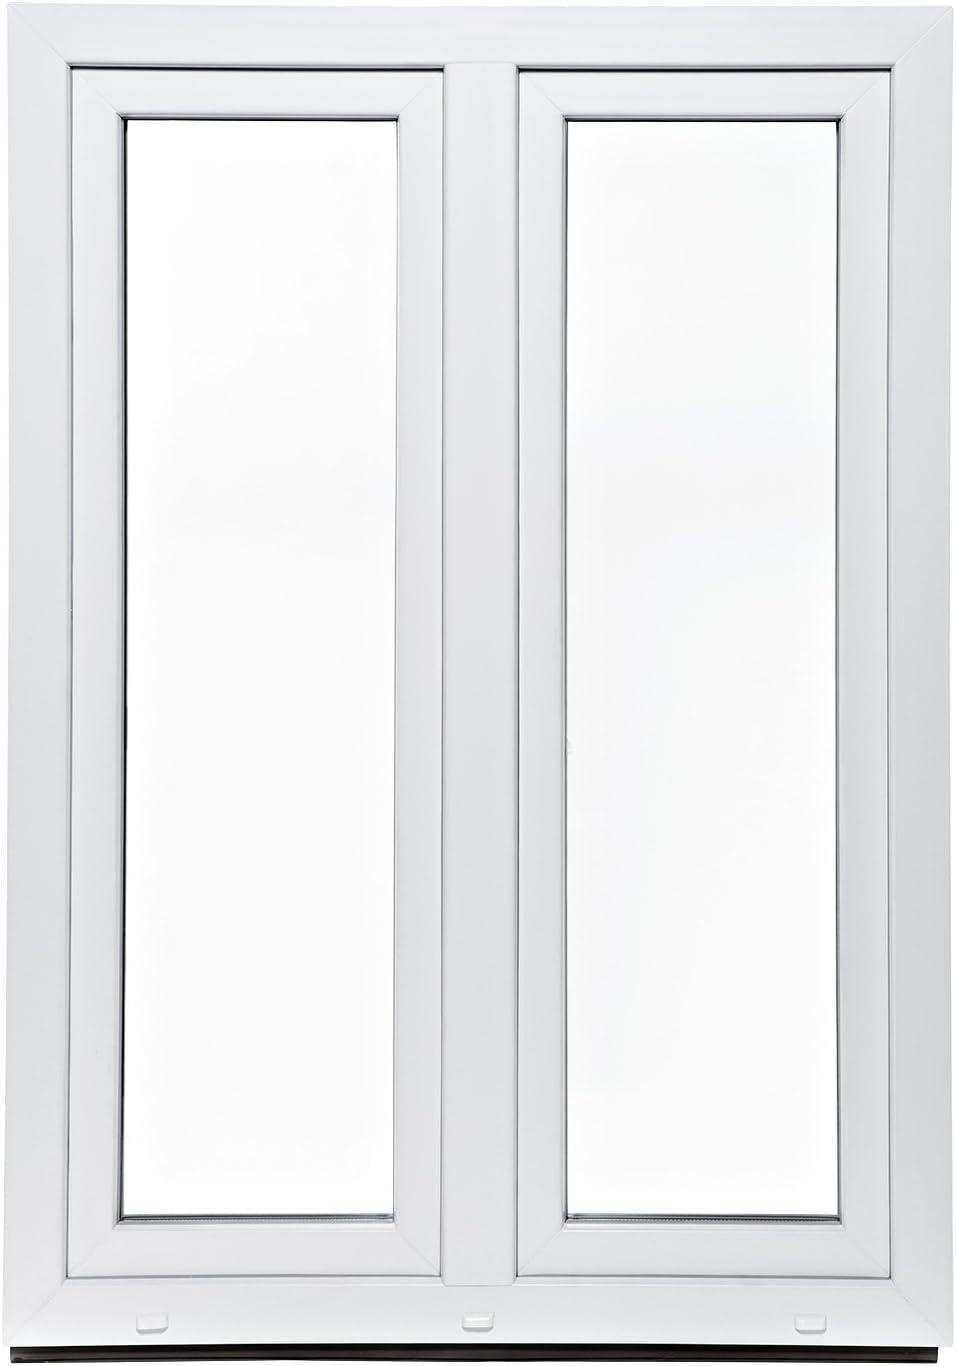 70mm Profil Kunststoff Wohnraumfenster 2 fl/üglig verschiedene Ma/ße BxH: 140 x 130 2-fach-Verglasung Fenster wei/ß